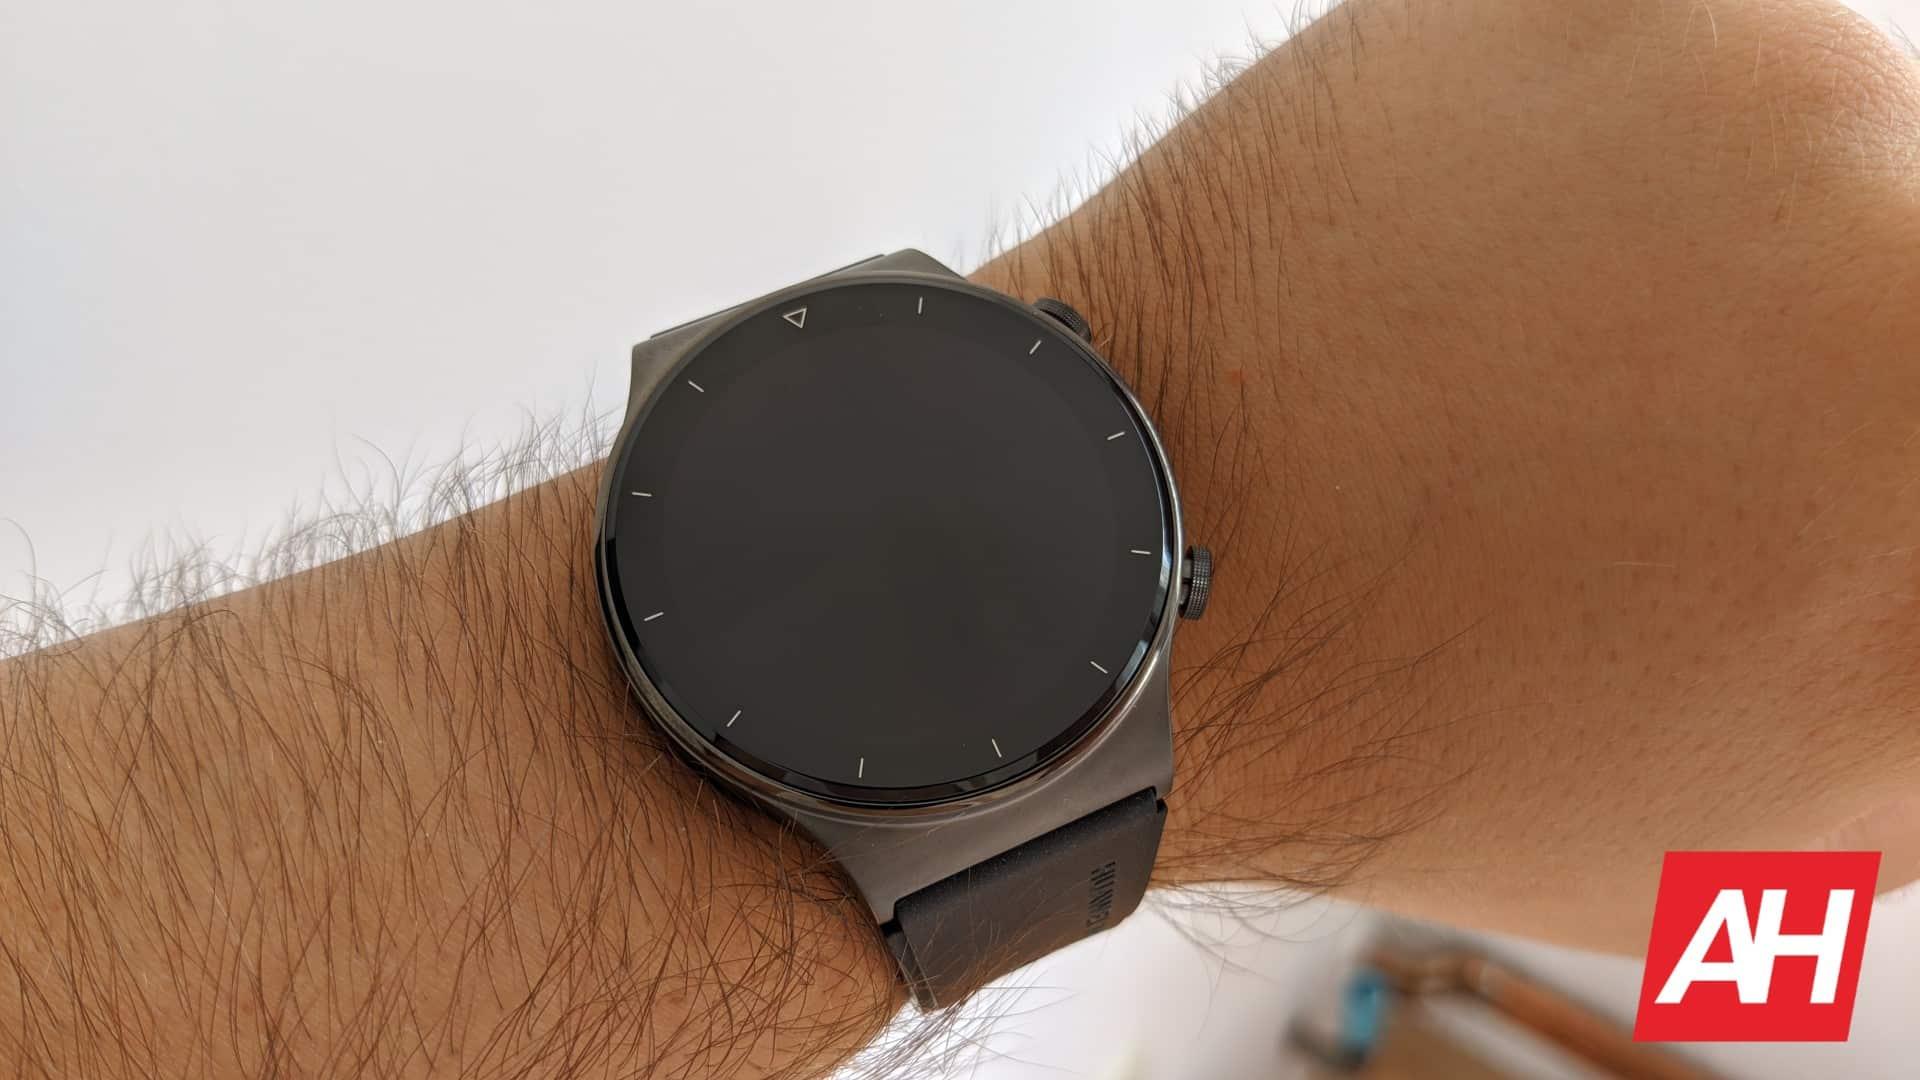 AH Huawei Watch GT 2 Pro 2